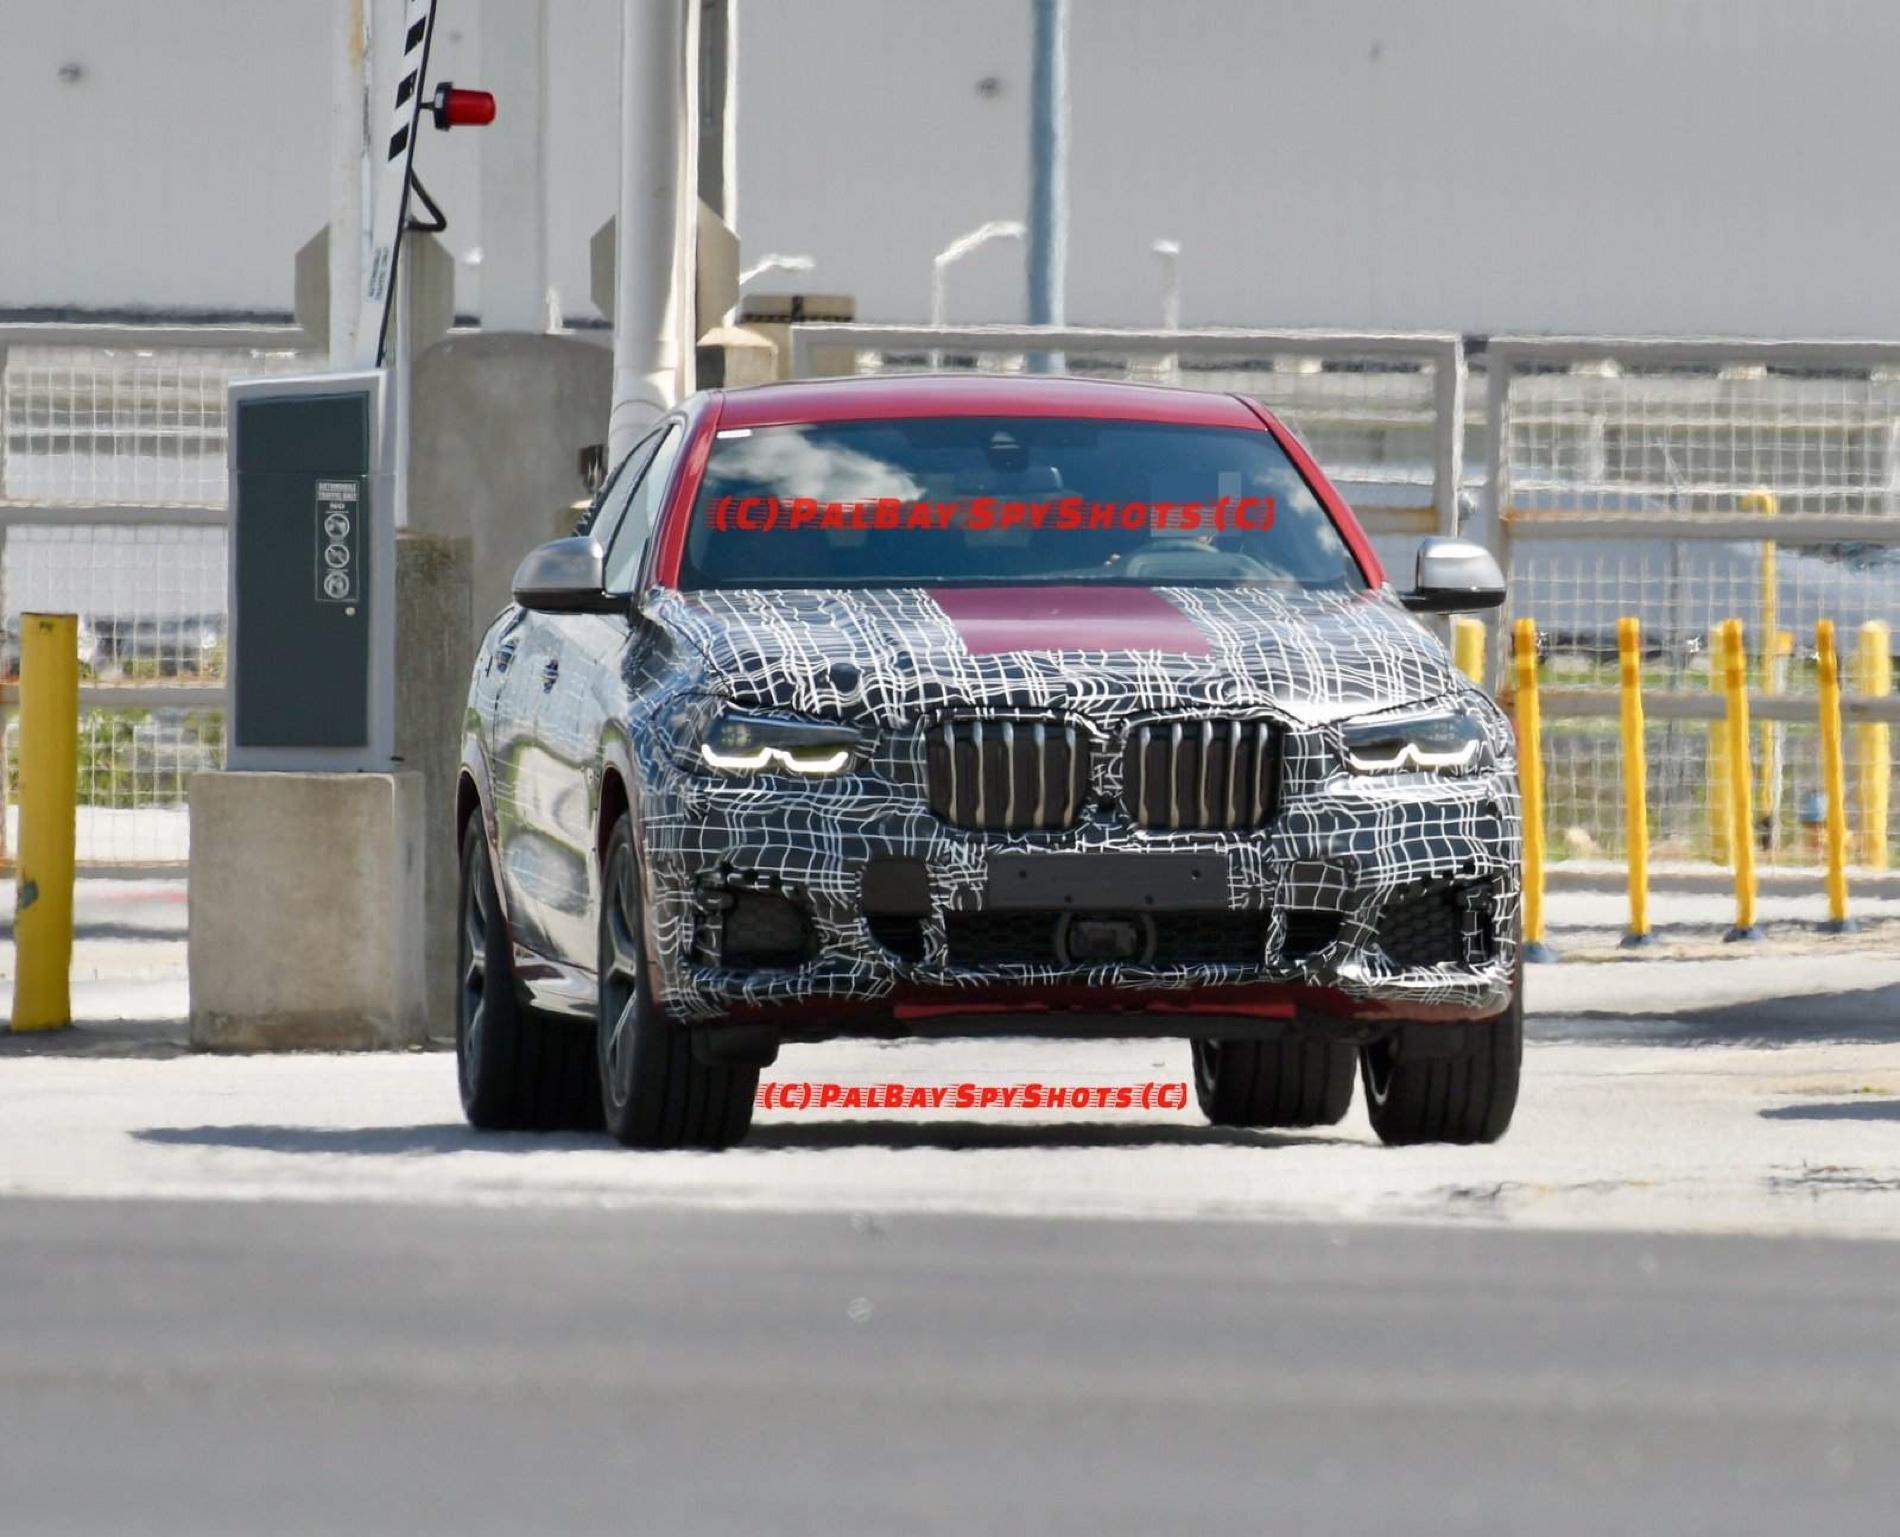 BMW G06 X6 spy shots 10